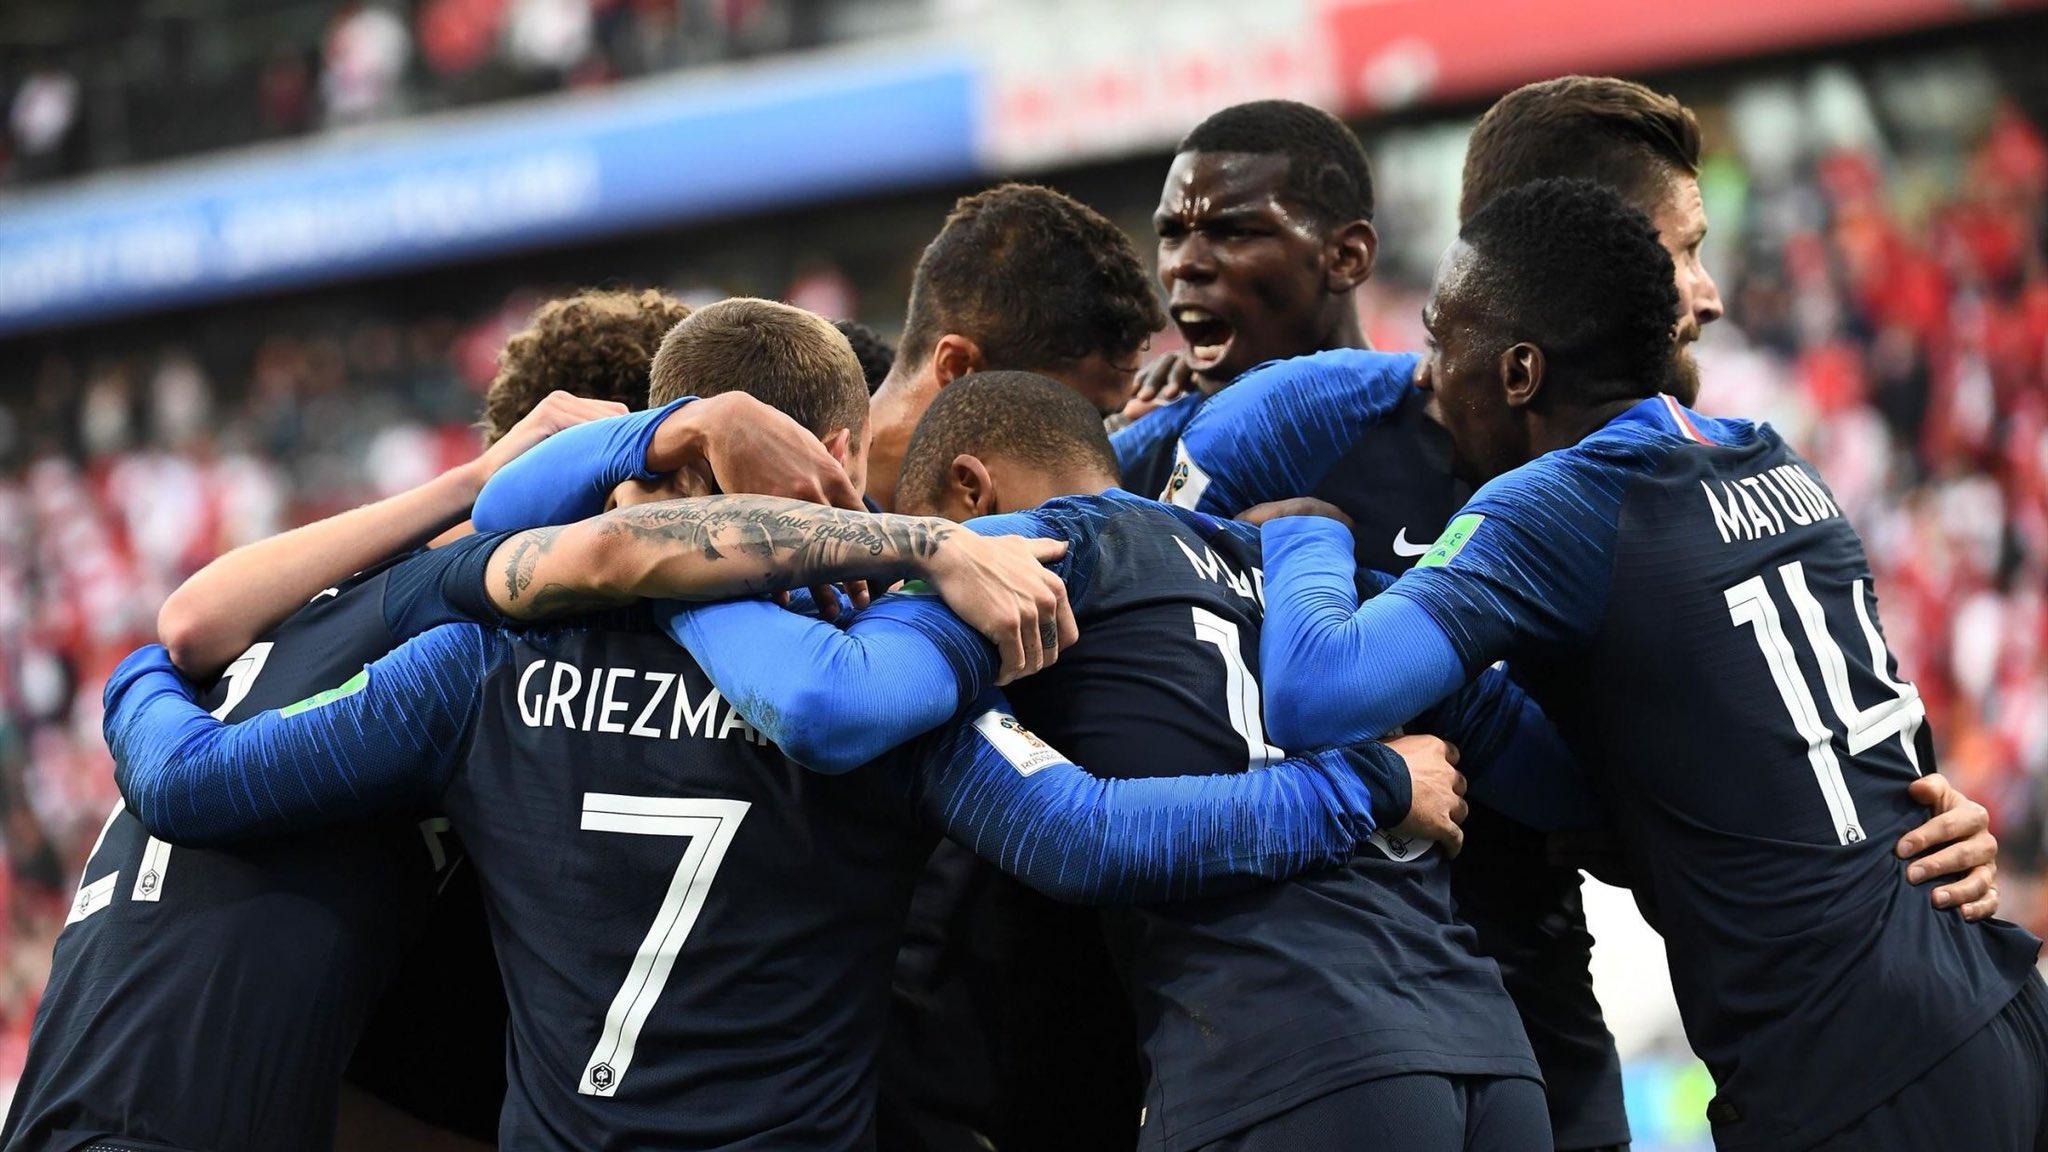 Kịch bản nào cho bảng C của tuyển Pháp đêm nay?